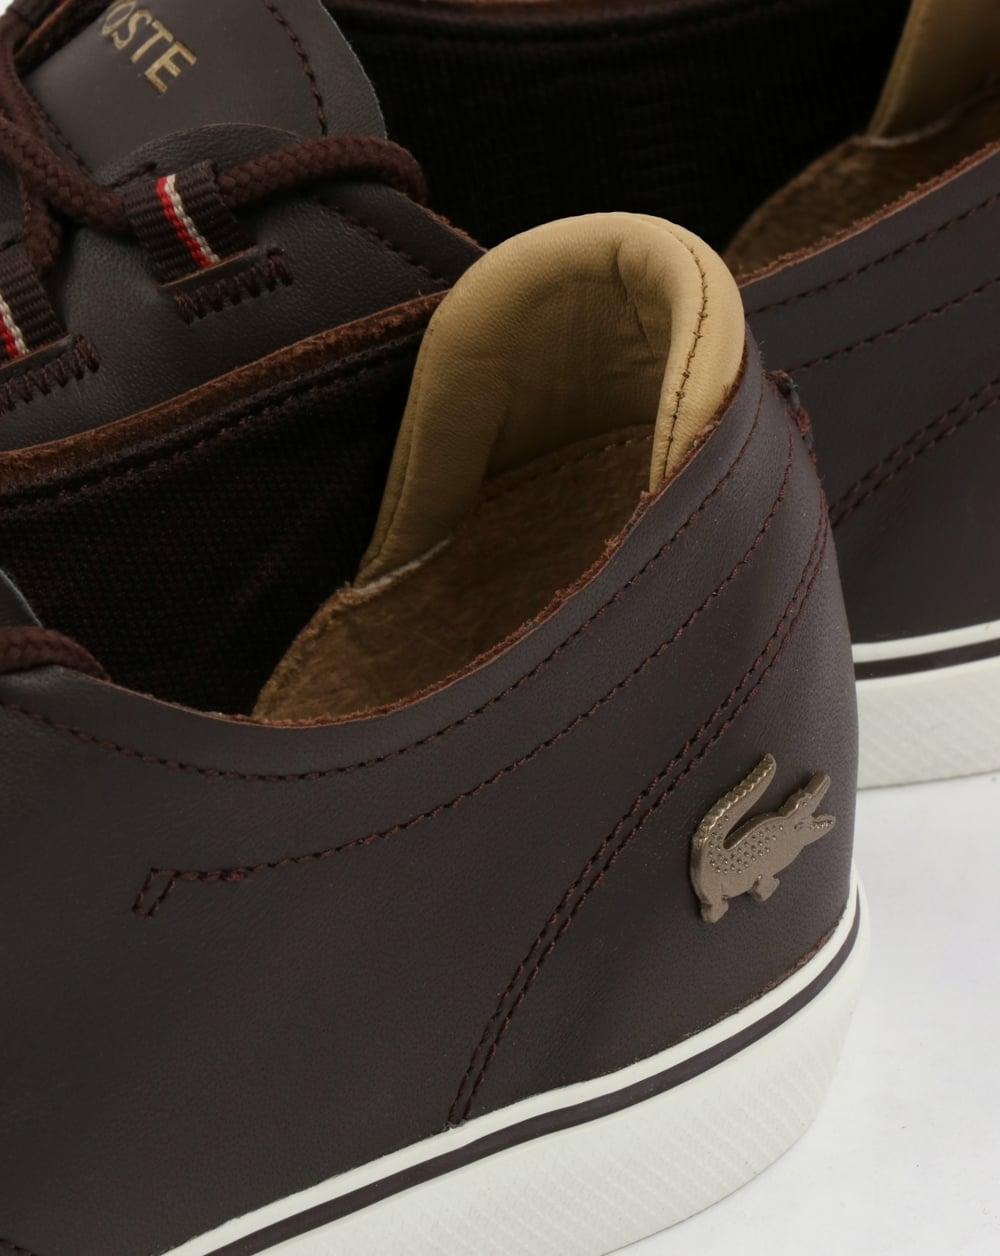 0186a4511 Lacoste Esparre Deck Shoe Brown Light Tan